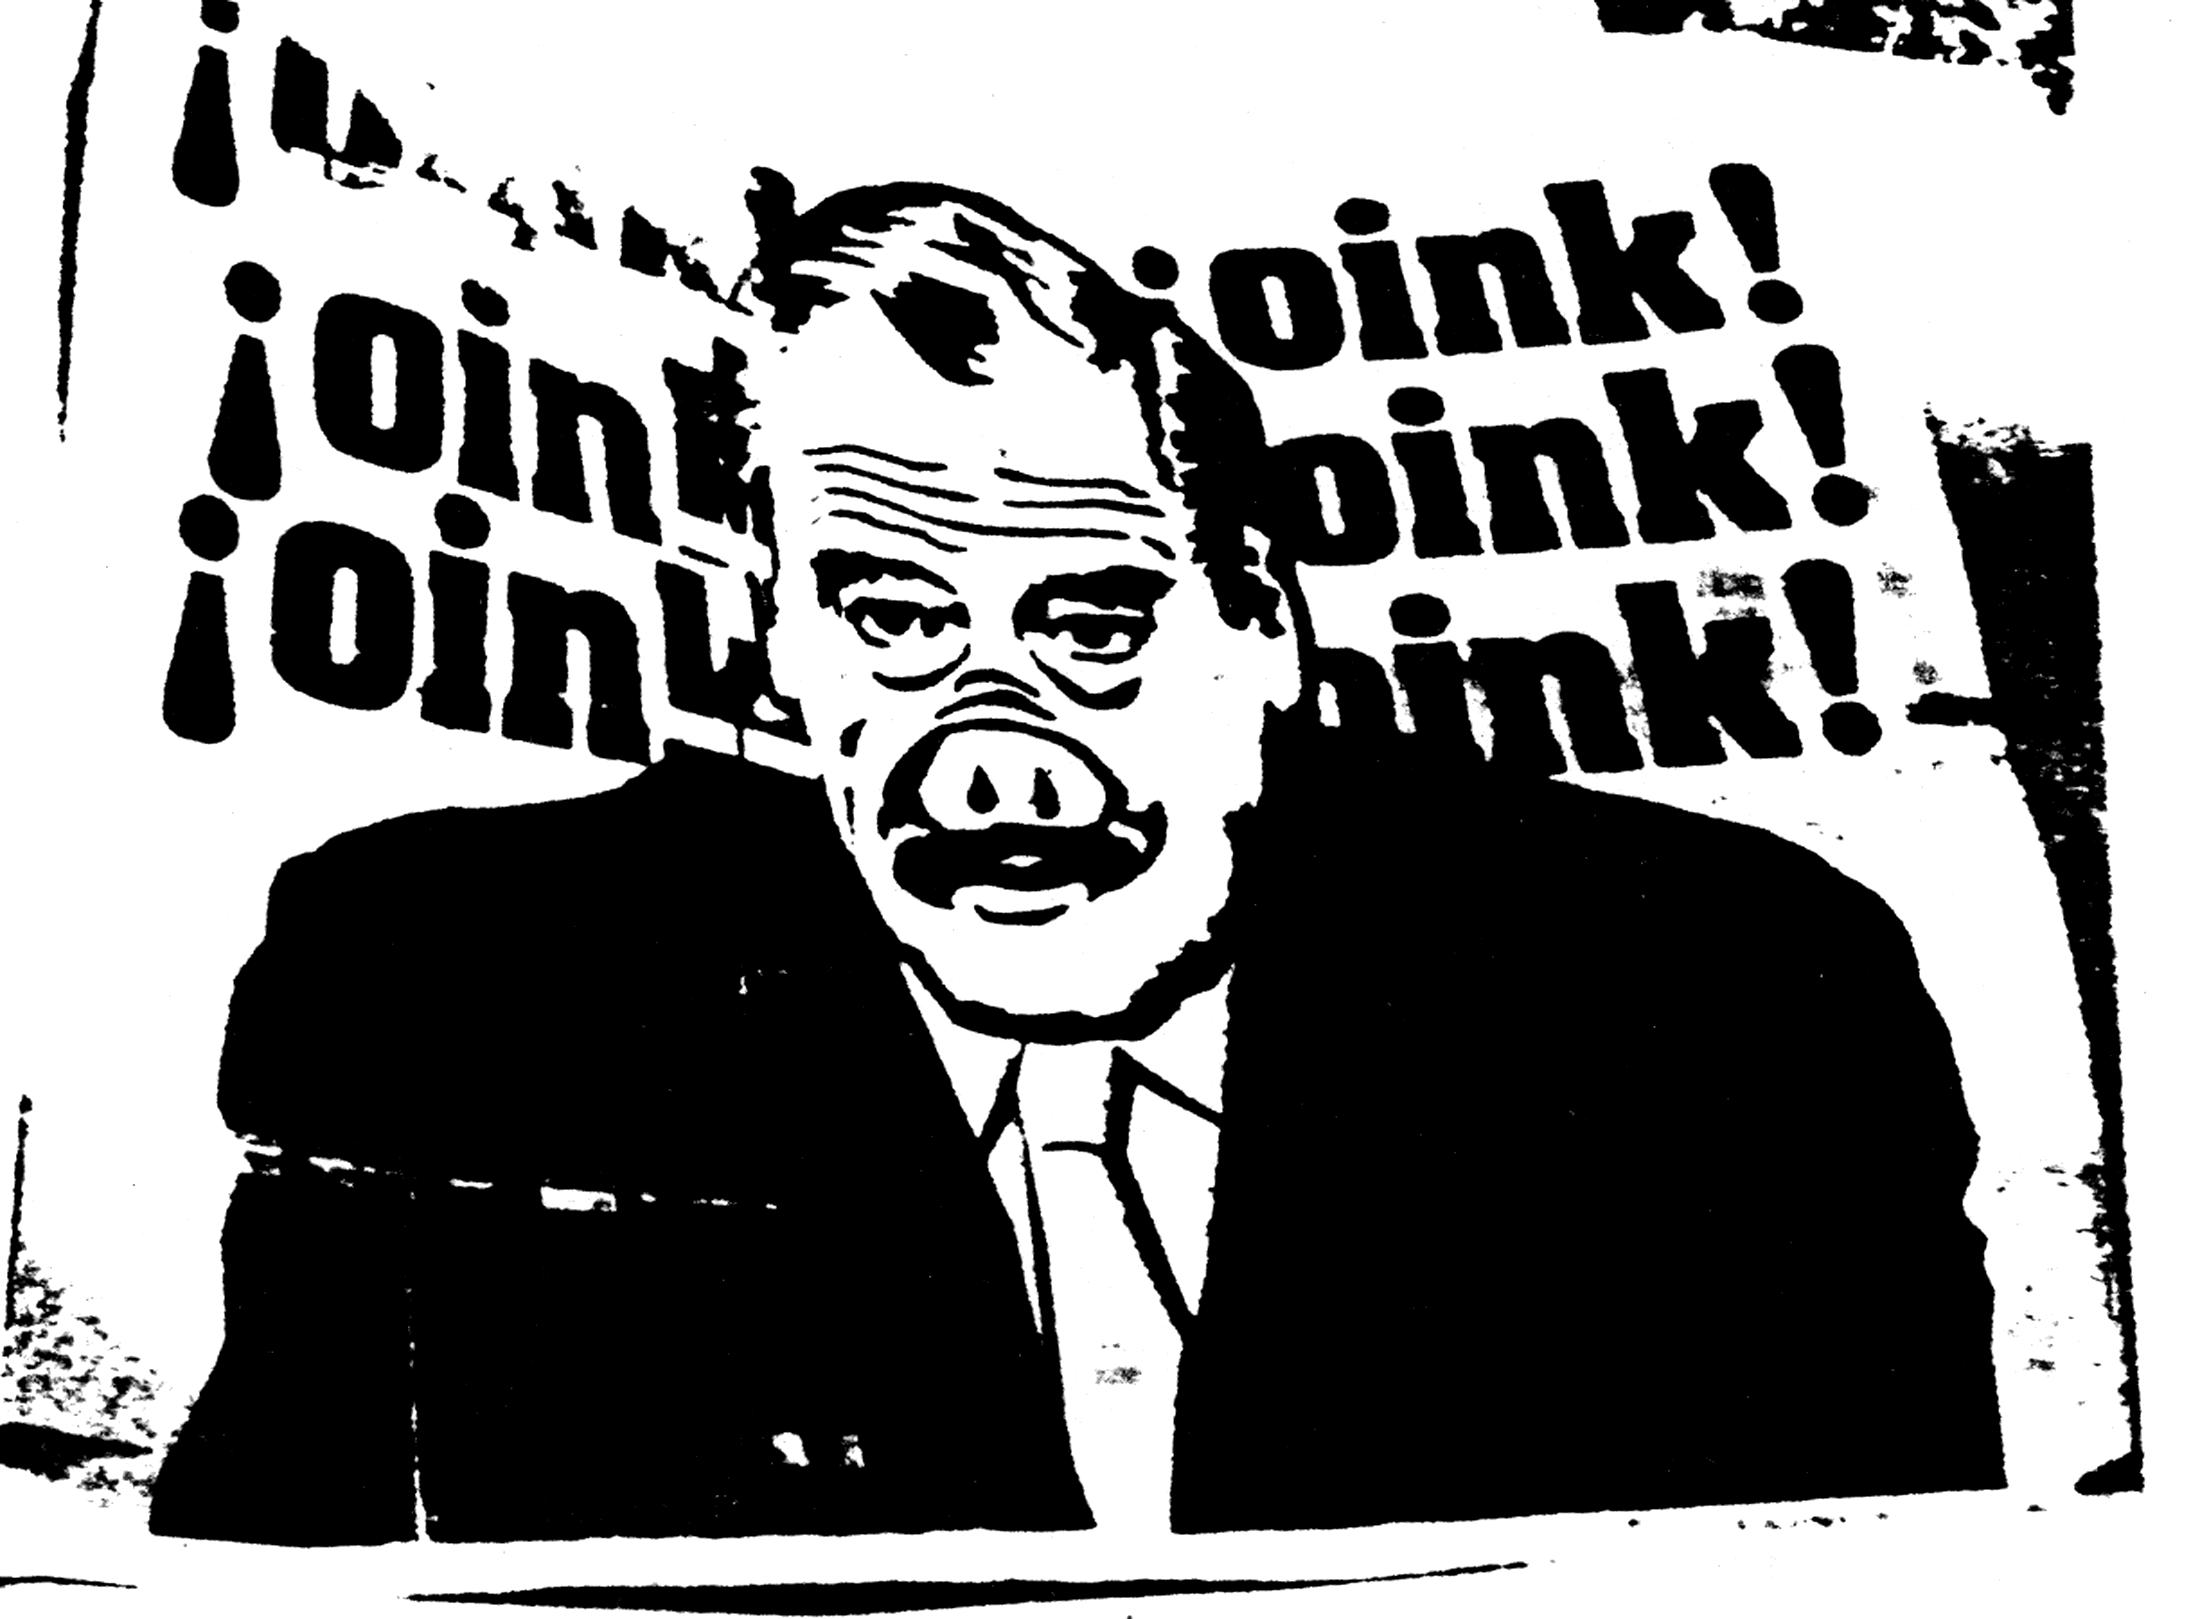 Fox oink